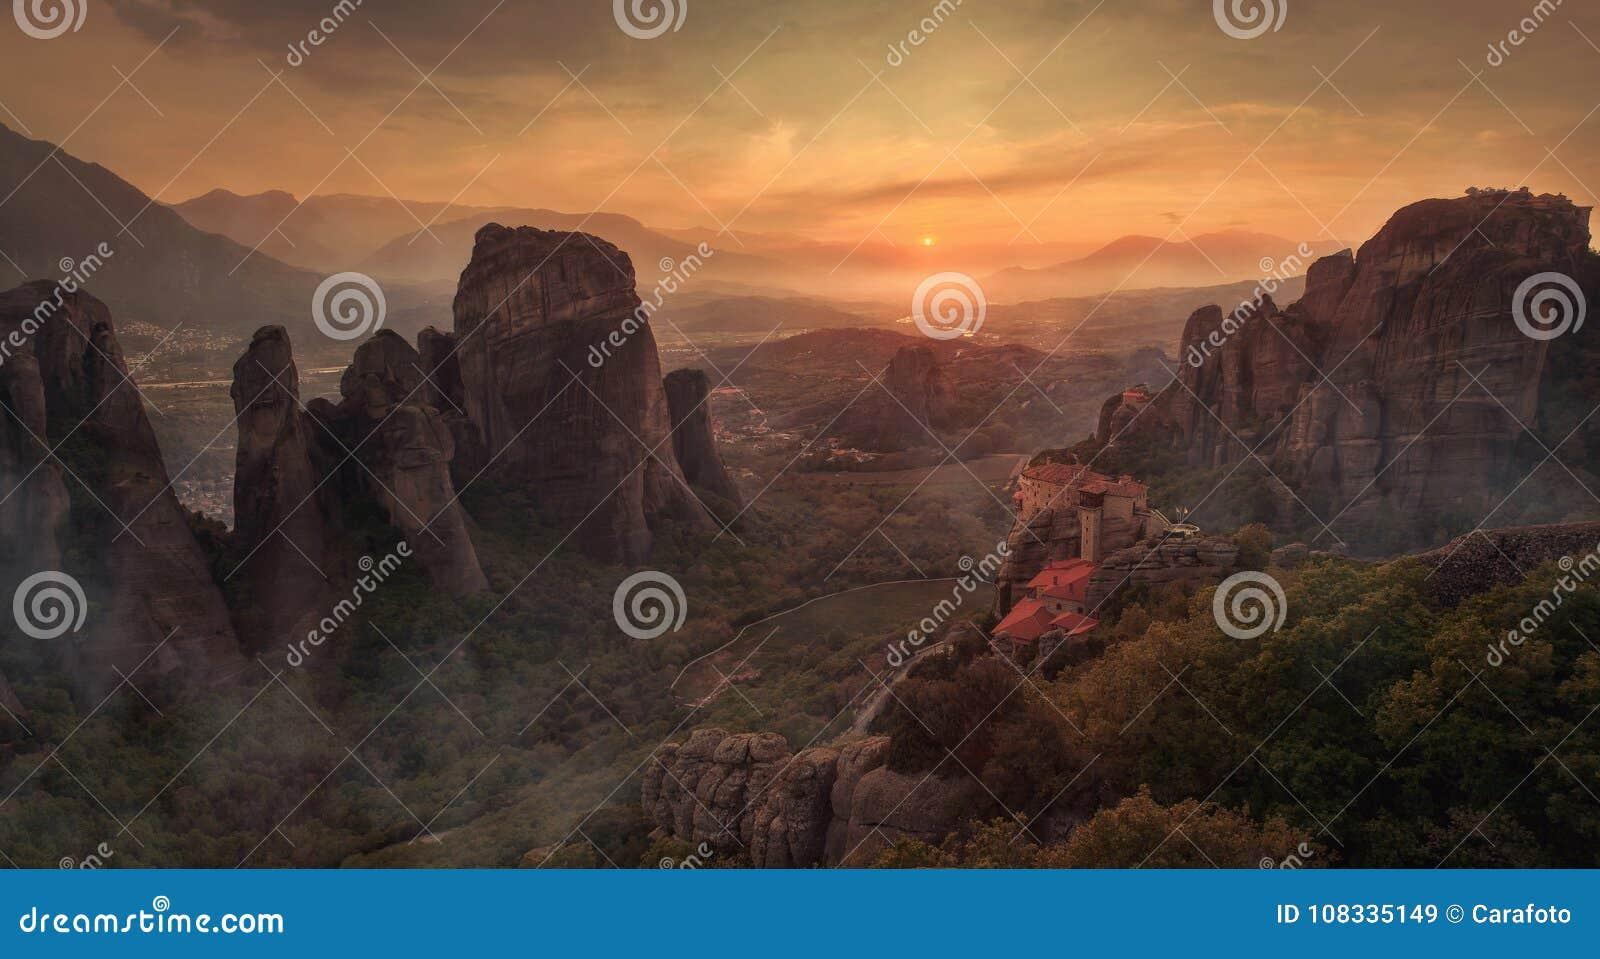 Όμορφο τοπίο με τους μοναδικούς βράχους και μοναστήρι σε το